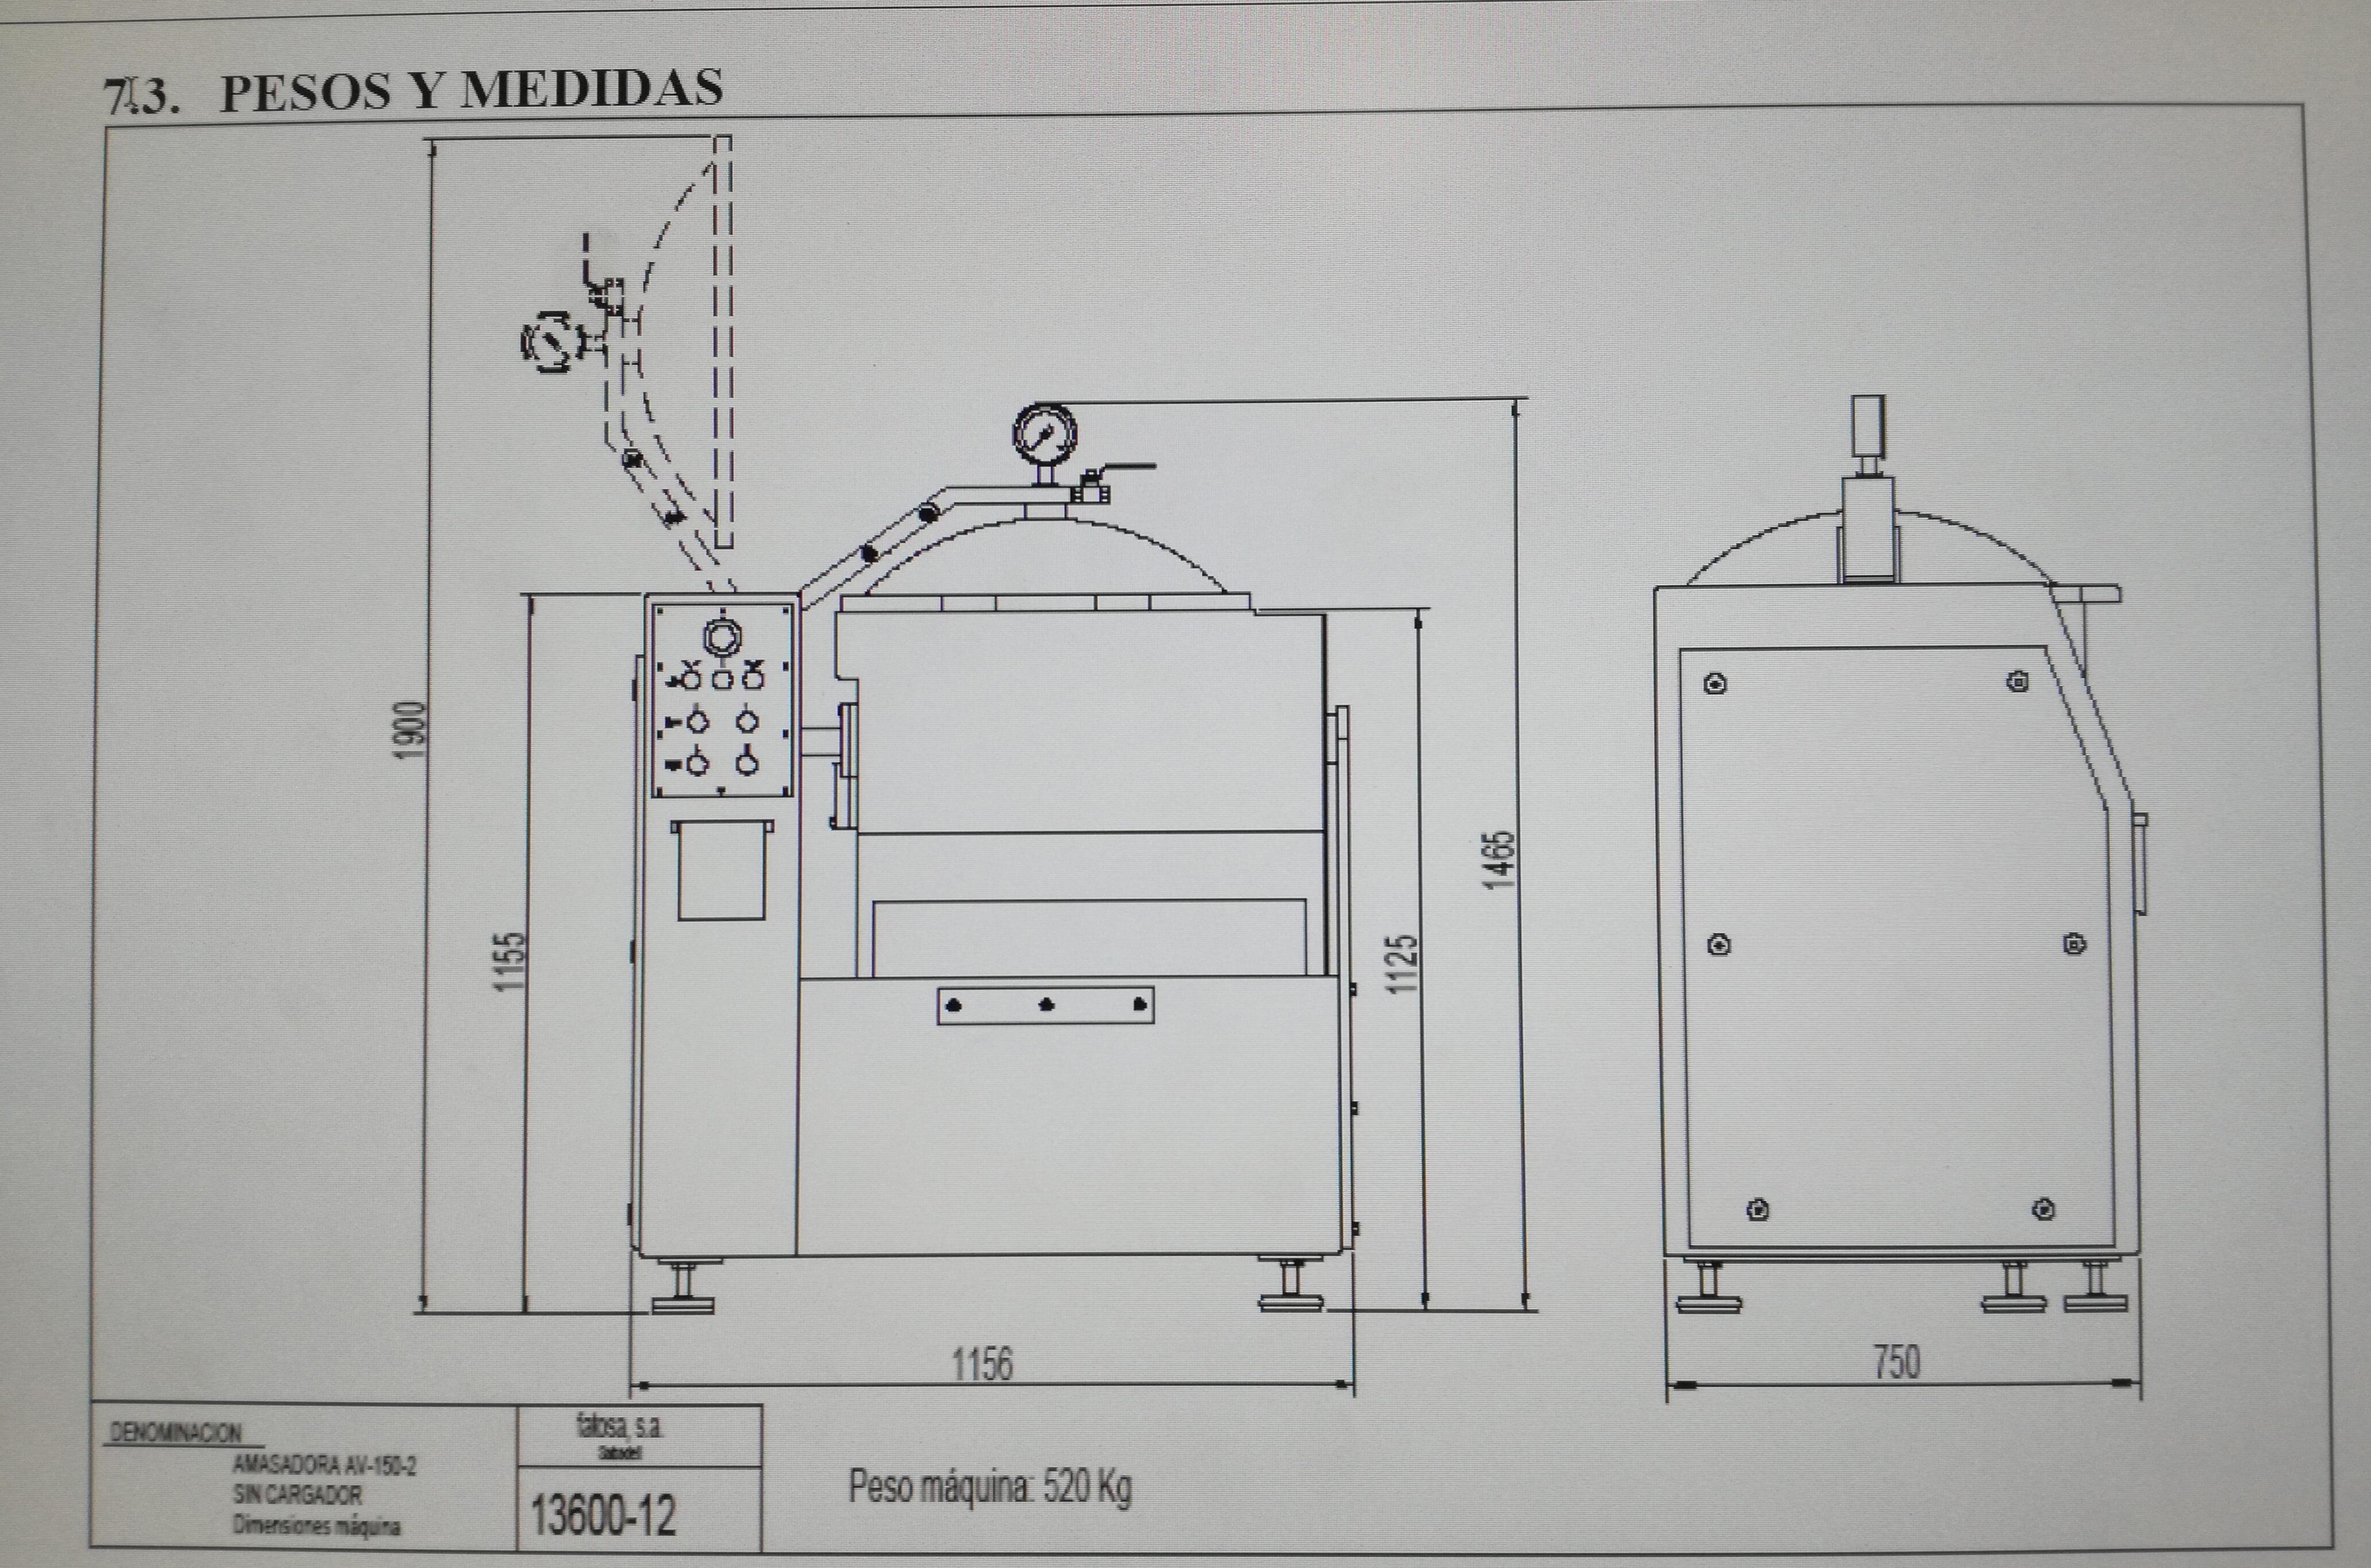 AMASADORA FATOSA 150 VACIO Y ELEVADOR